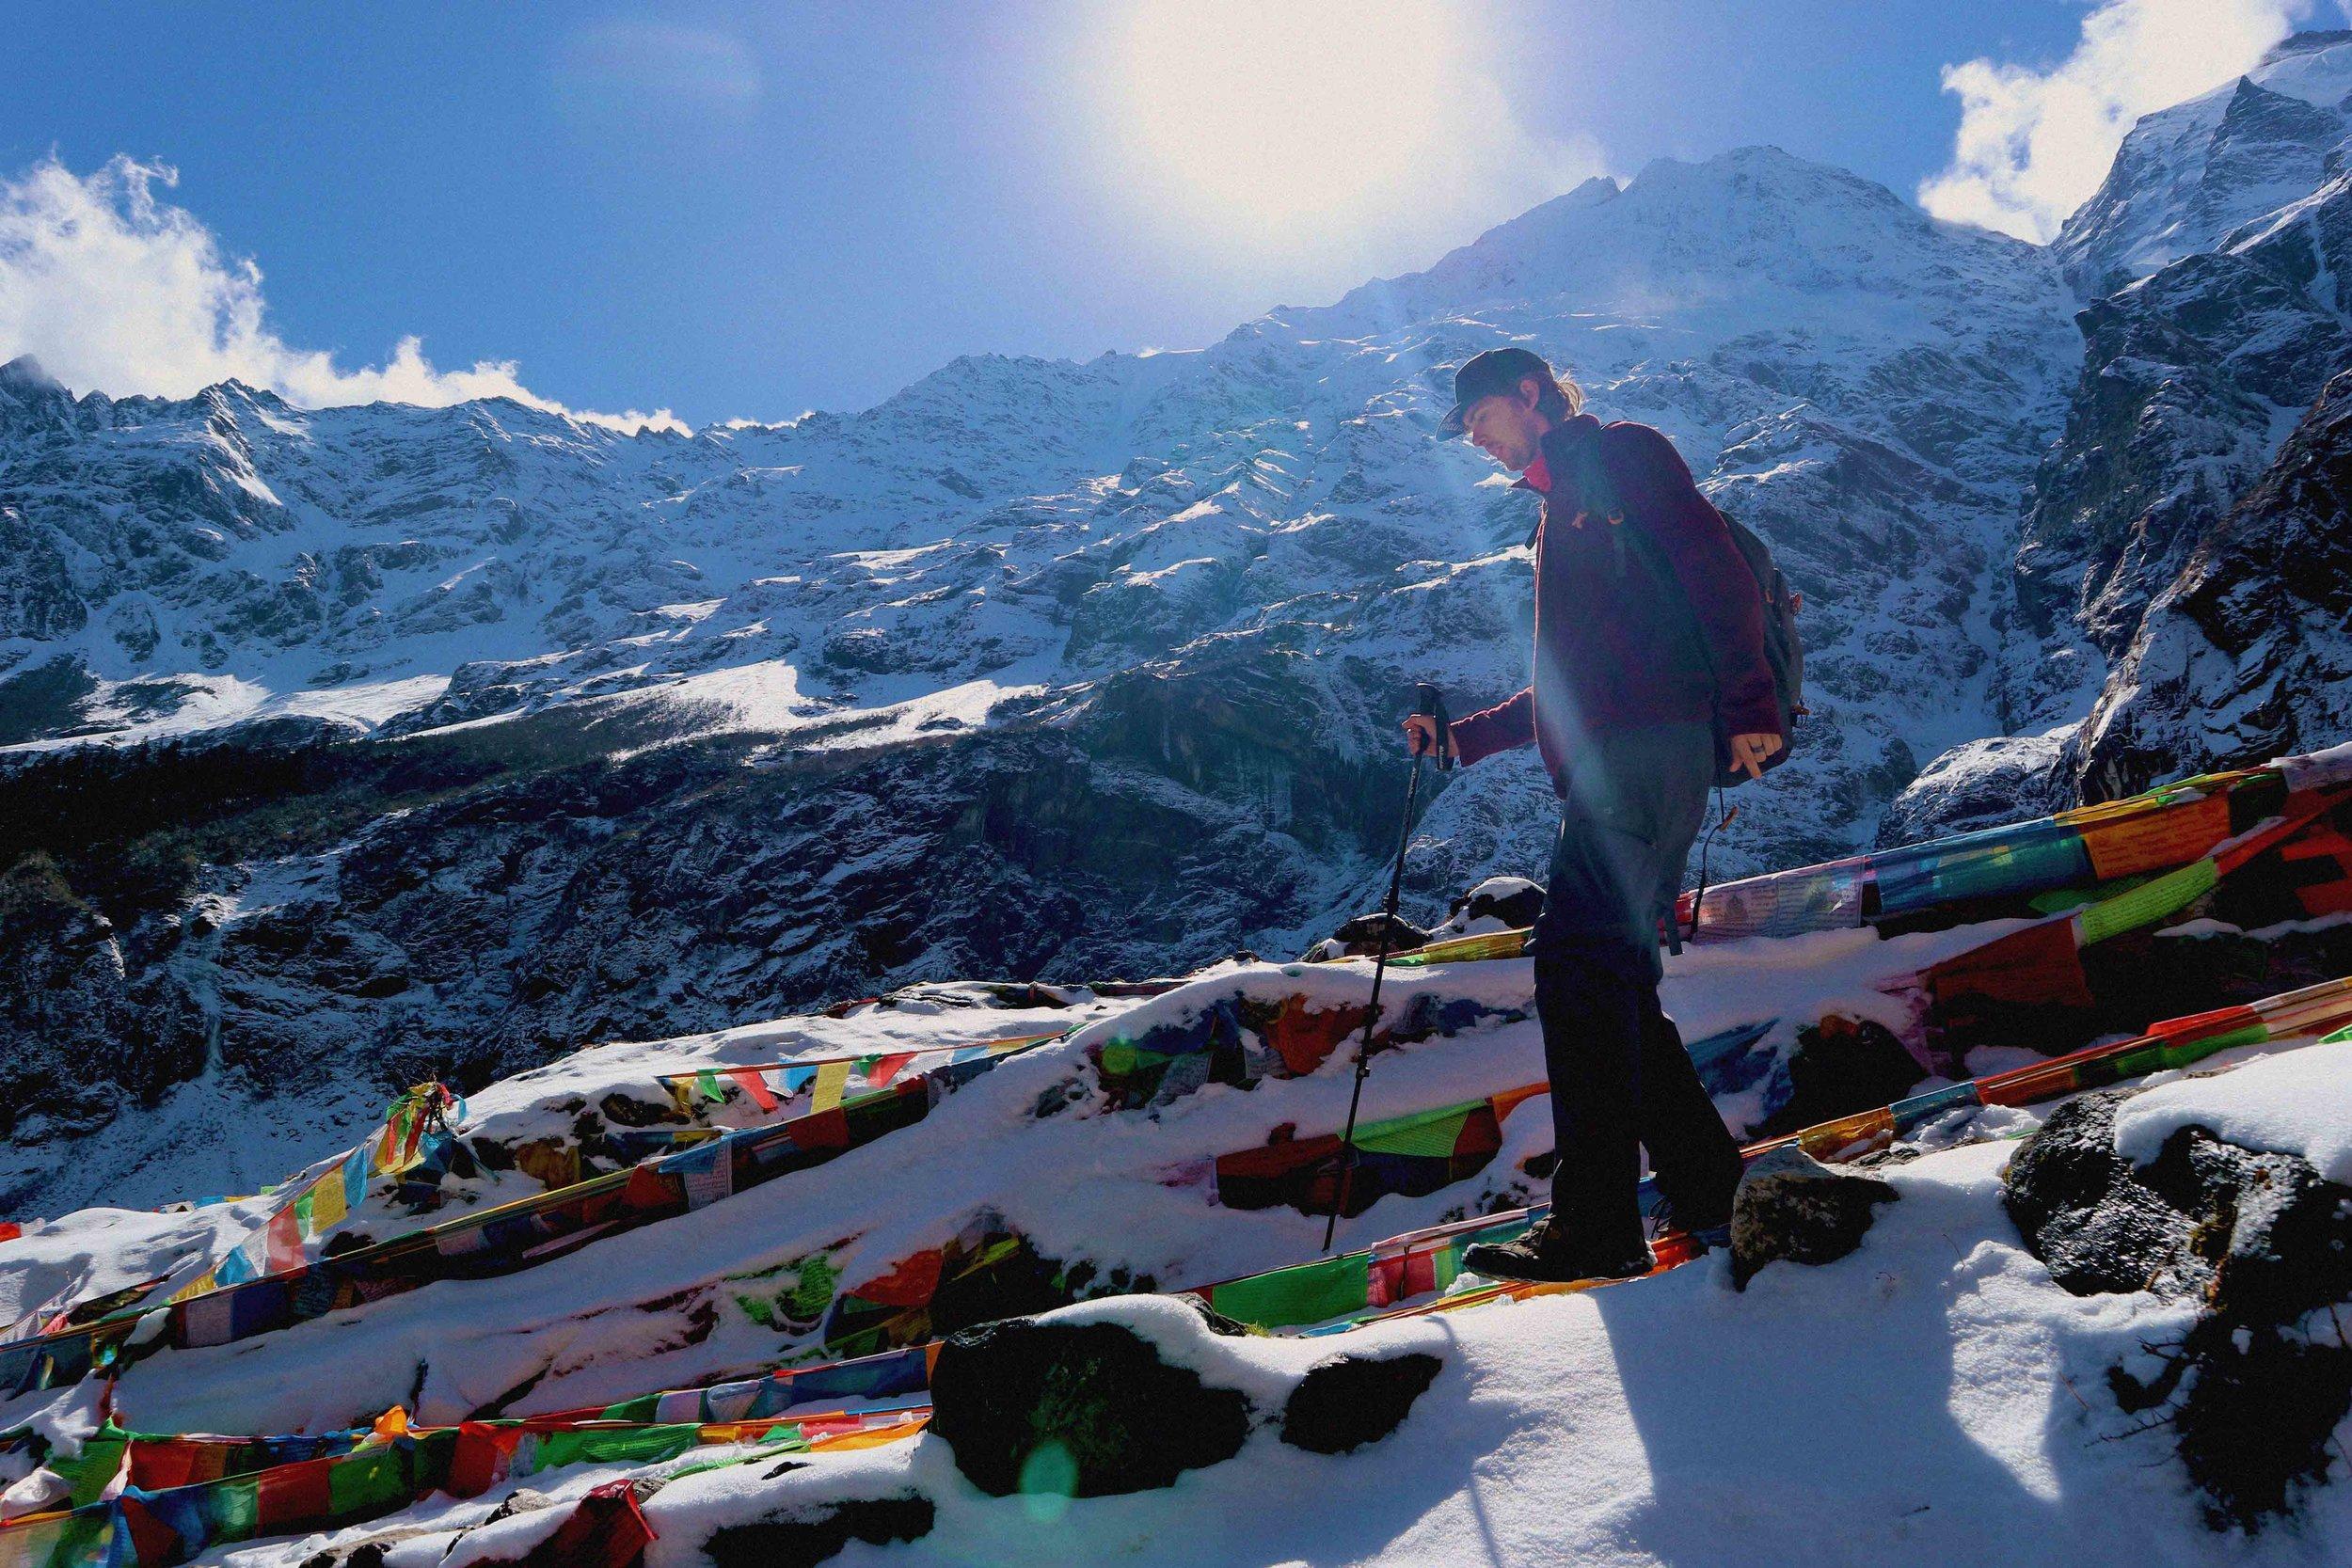 Yubeng on the border of Tibet